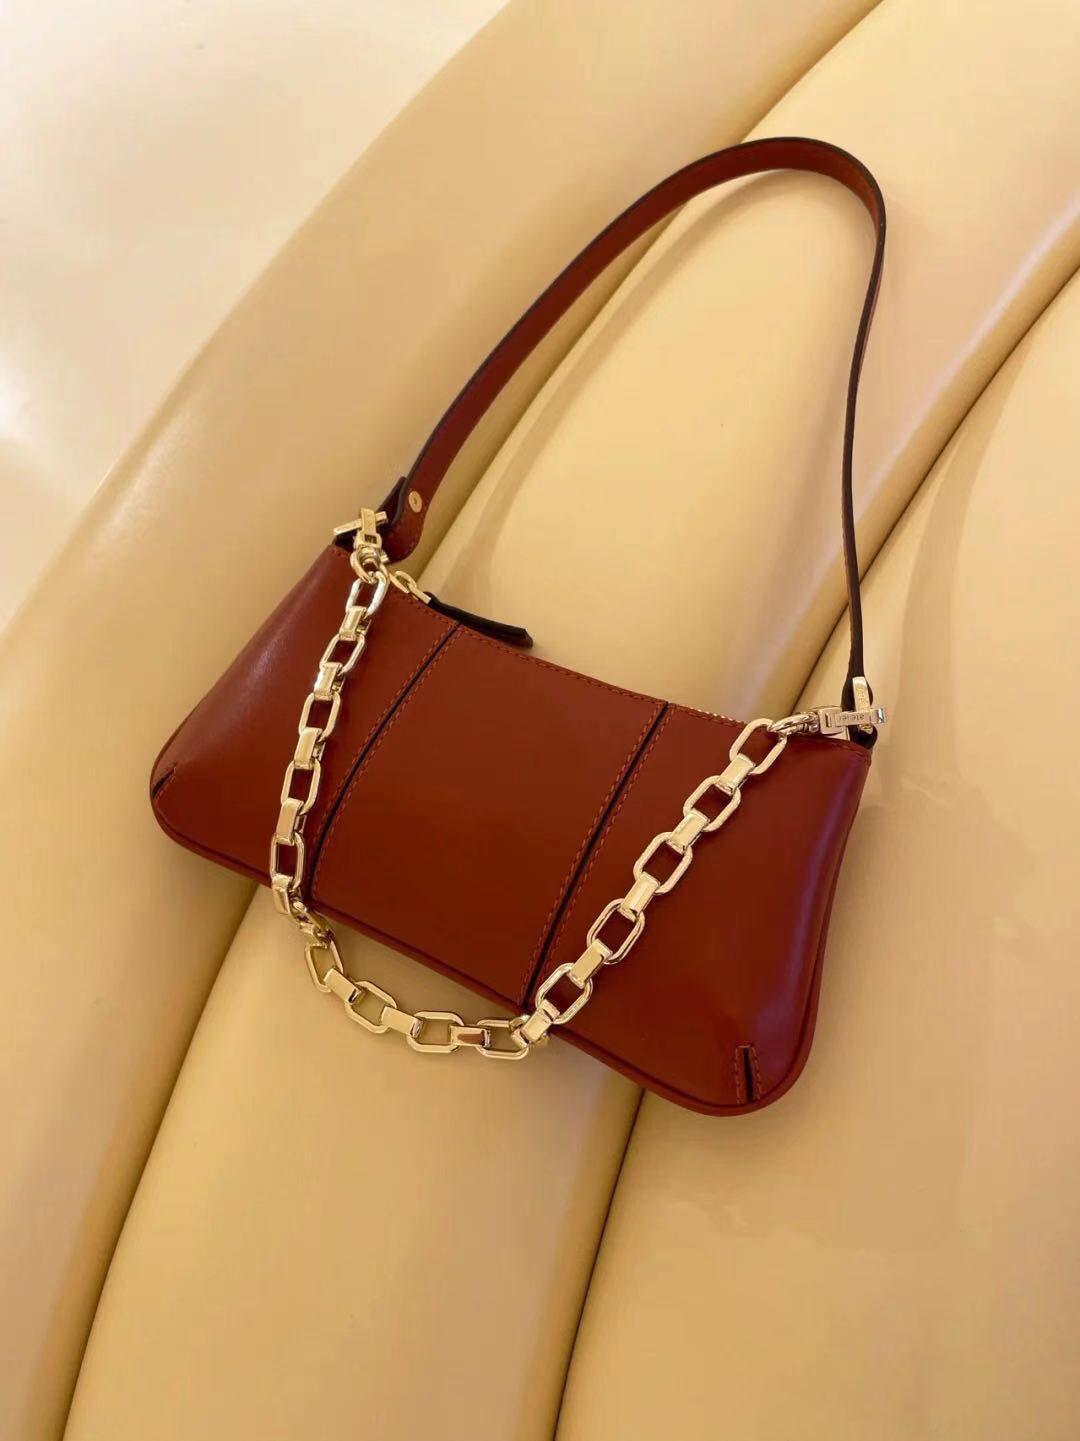 2021 고품질 클래식 여자 핸드백 숙녀 복합 토트 정품 가죽 클러치 어깨 가방 여성 지갑 겨드랑이 가방 지갑